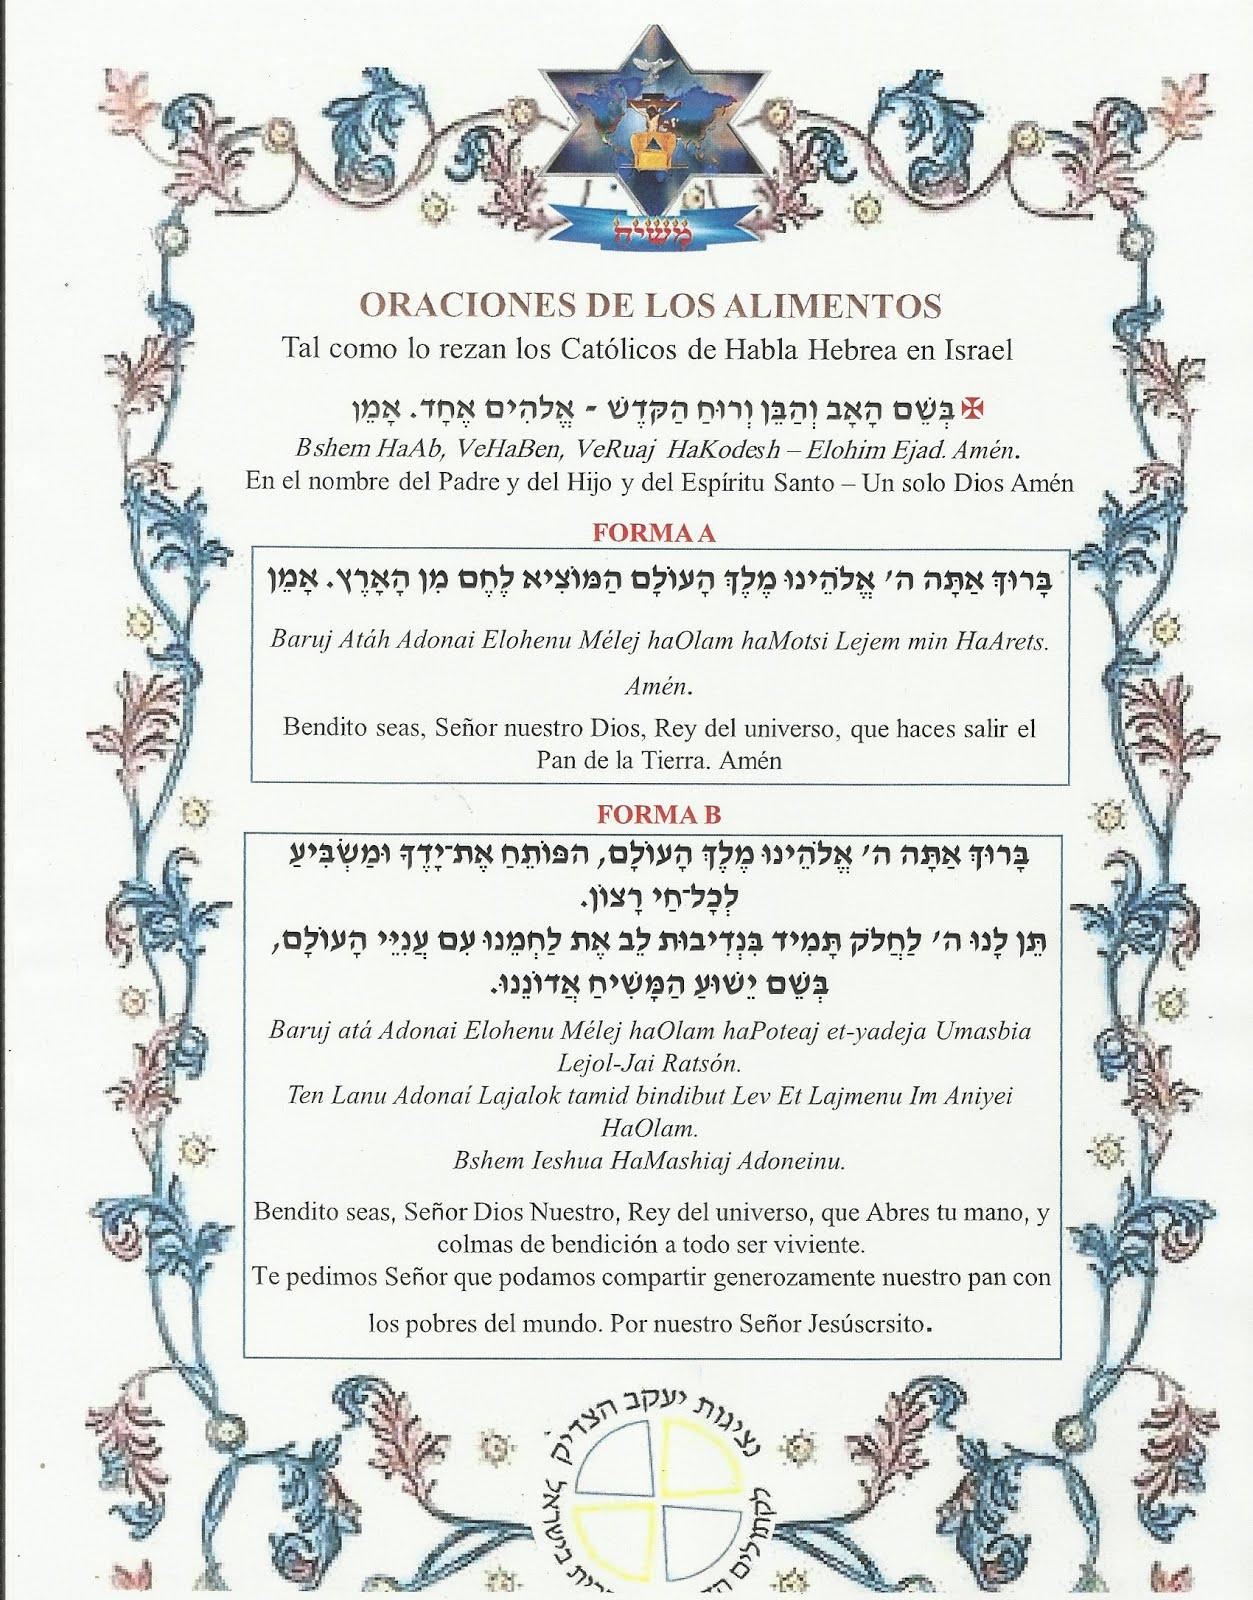 ORACIONES DE LOS ALIMENTOS EN HEBREO